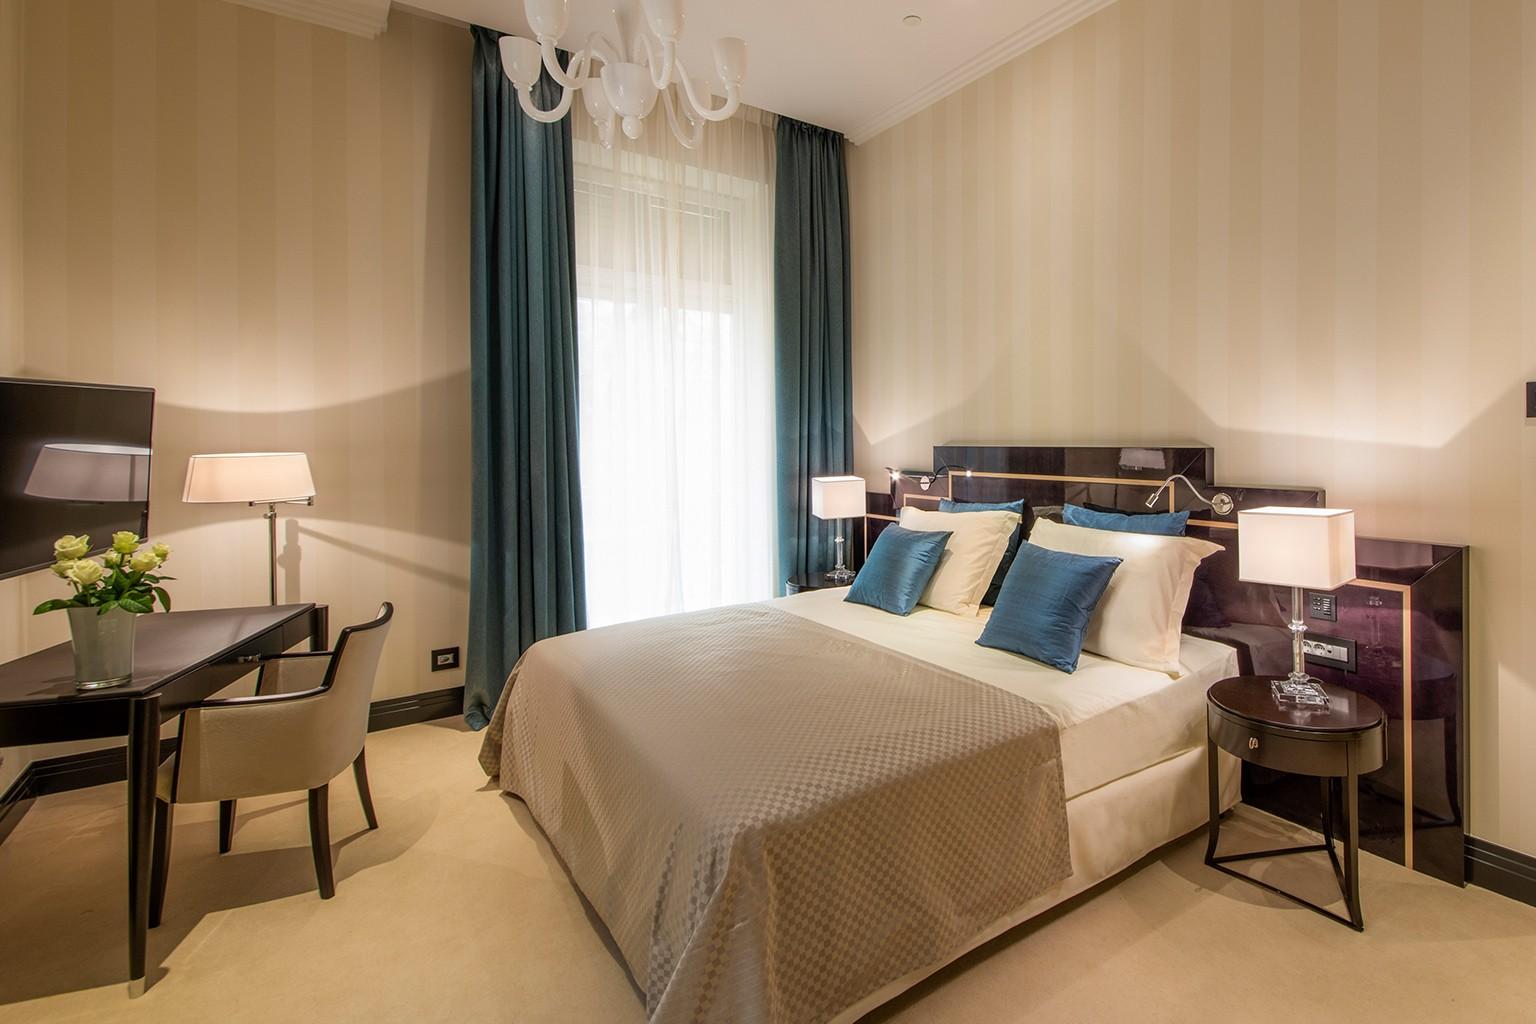 Boutique hotel alhambra luxushotel bei designreisen for Boutique hotel korcula